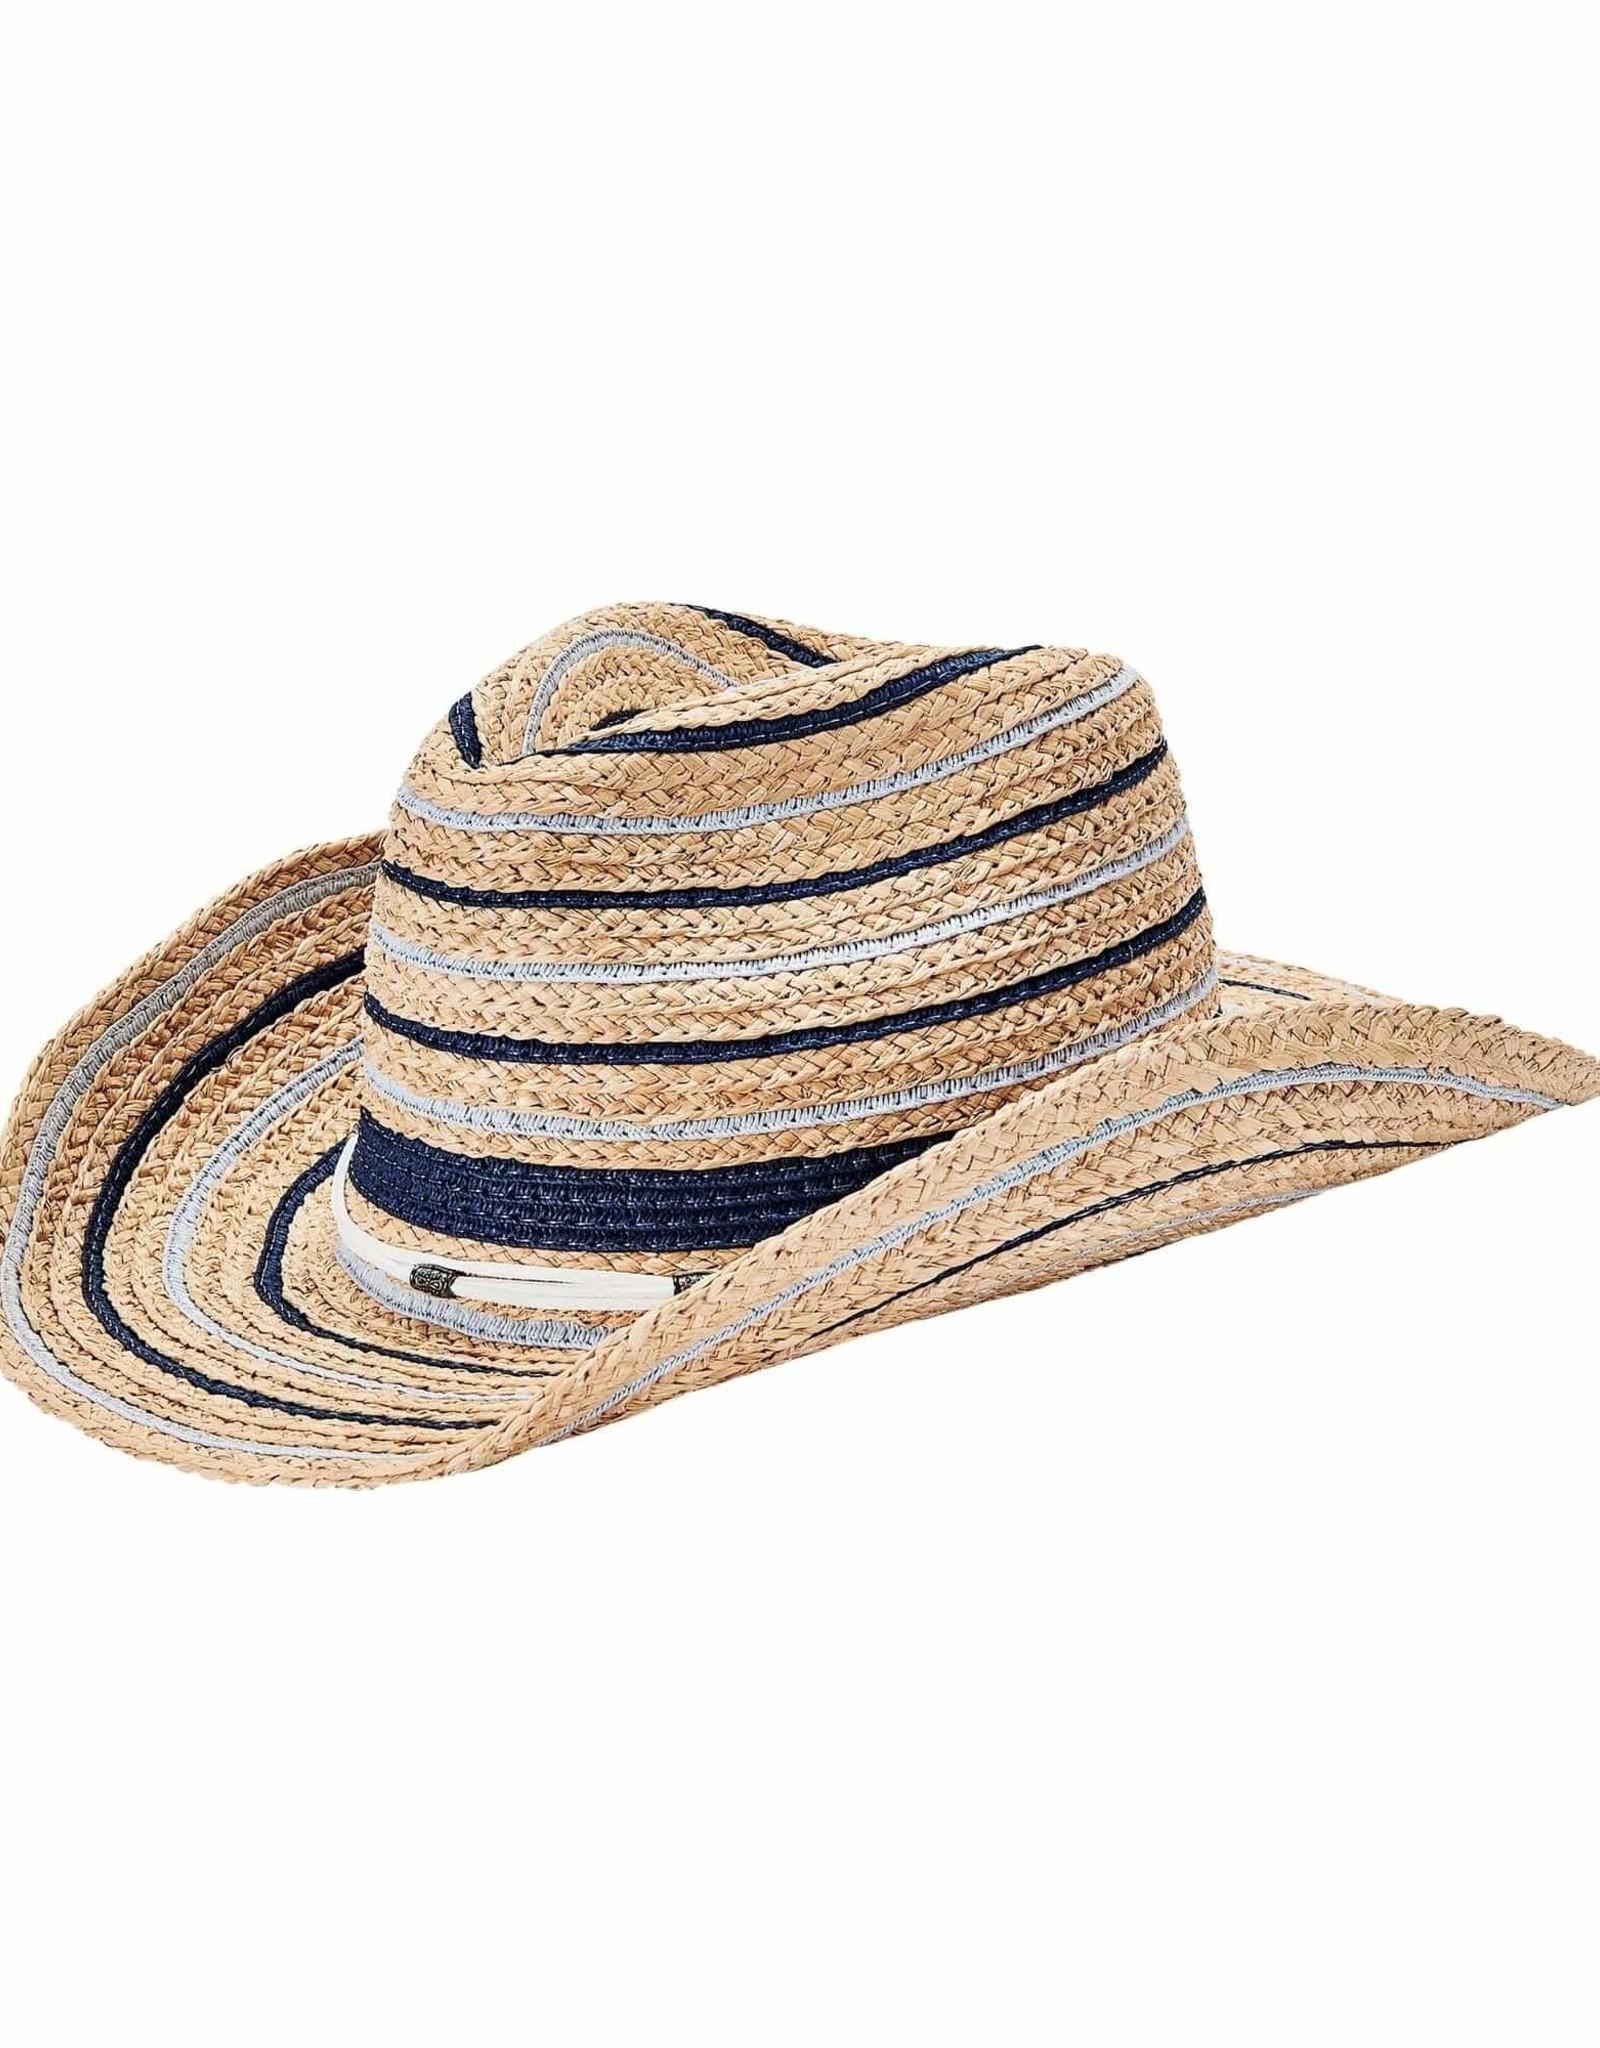 SAN DIEGO HAT Woven Raffia Cowboy Hat with Blue Stripes